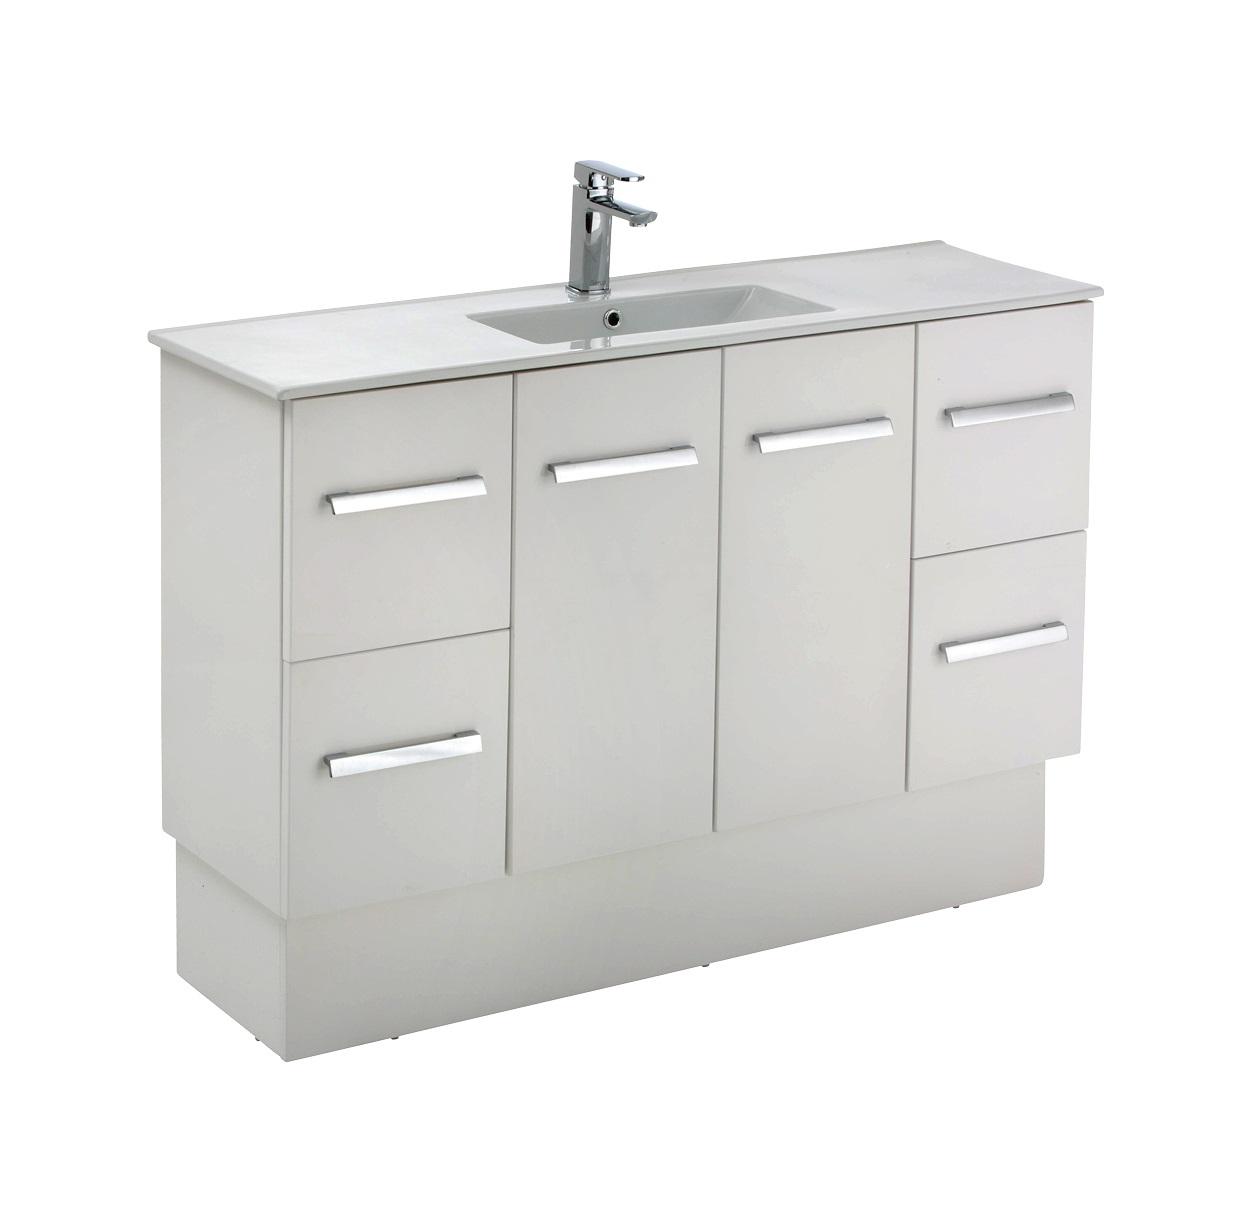 Delgado Vanity - 1200x365x650/850mm | Builders Discount Warehouse